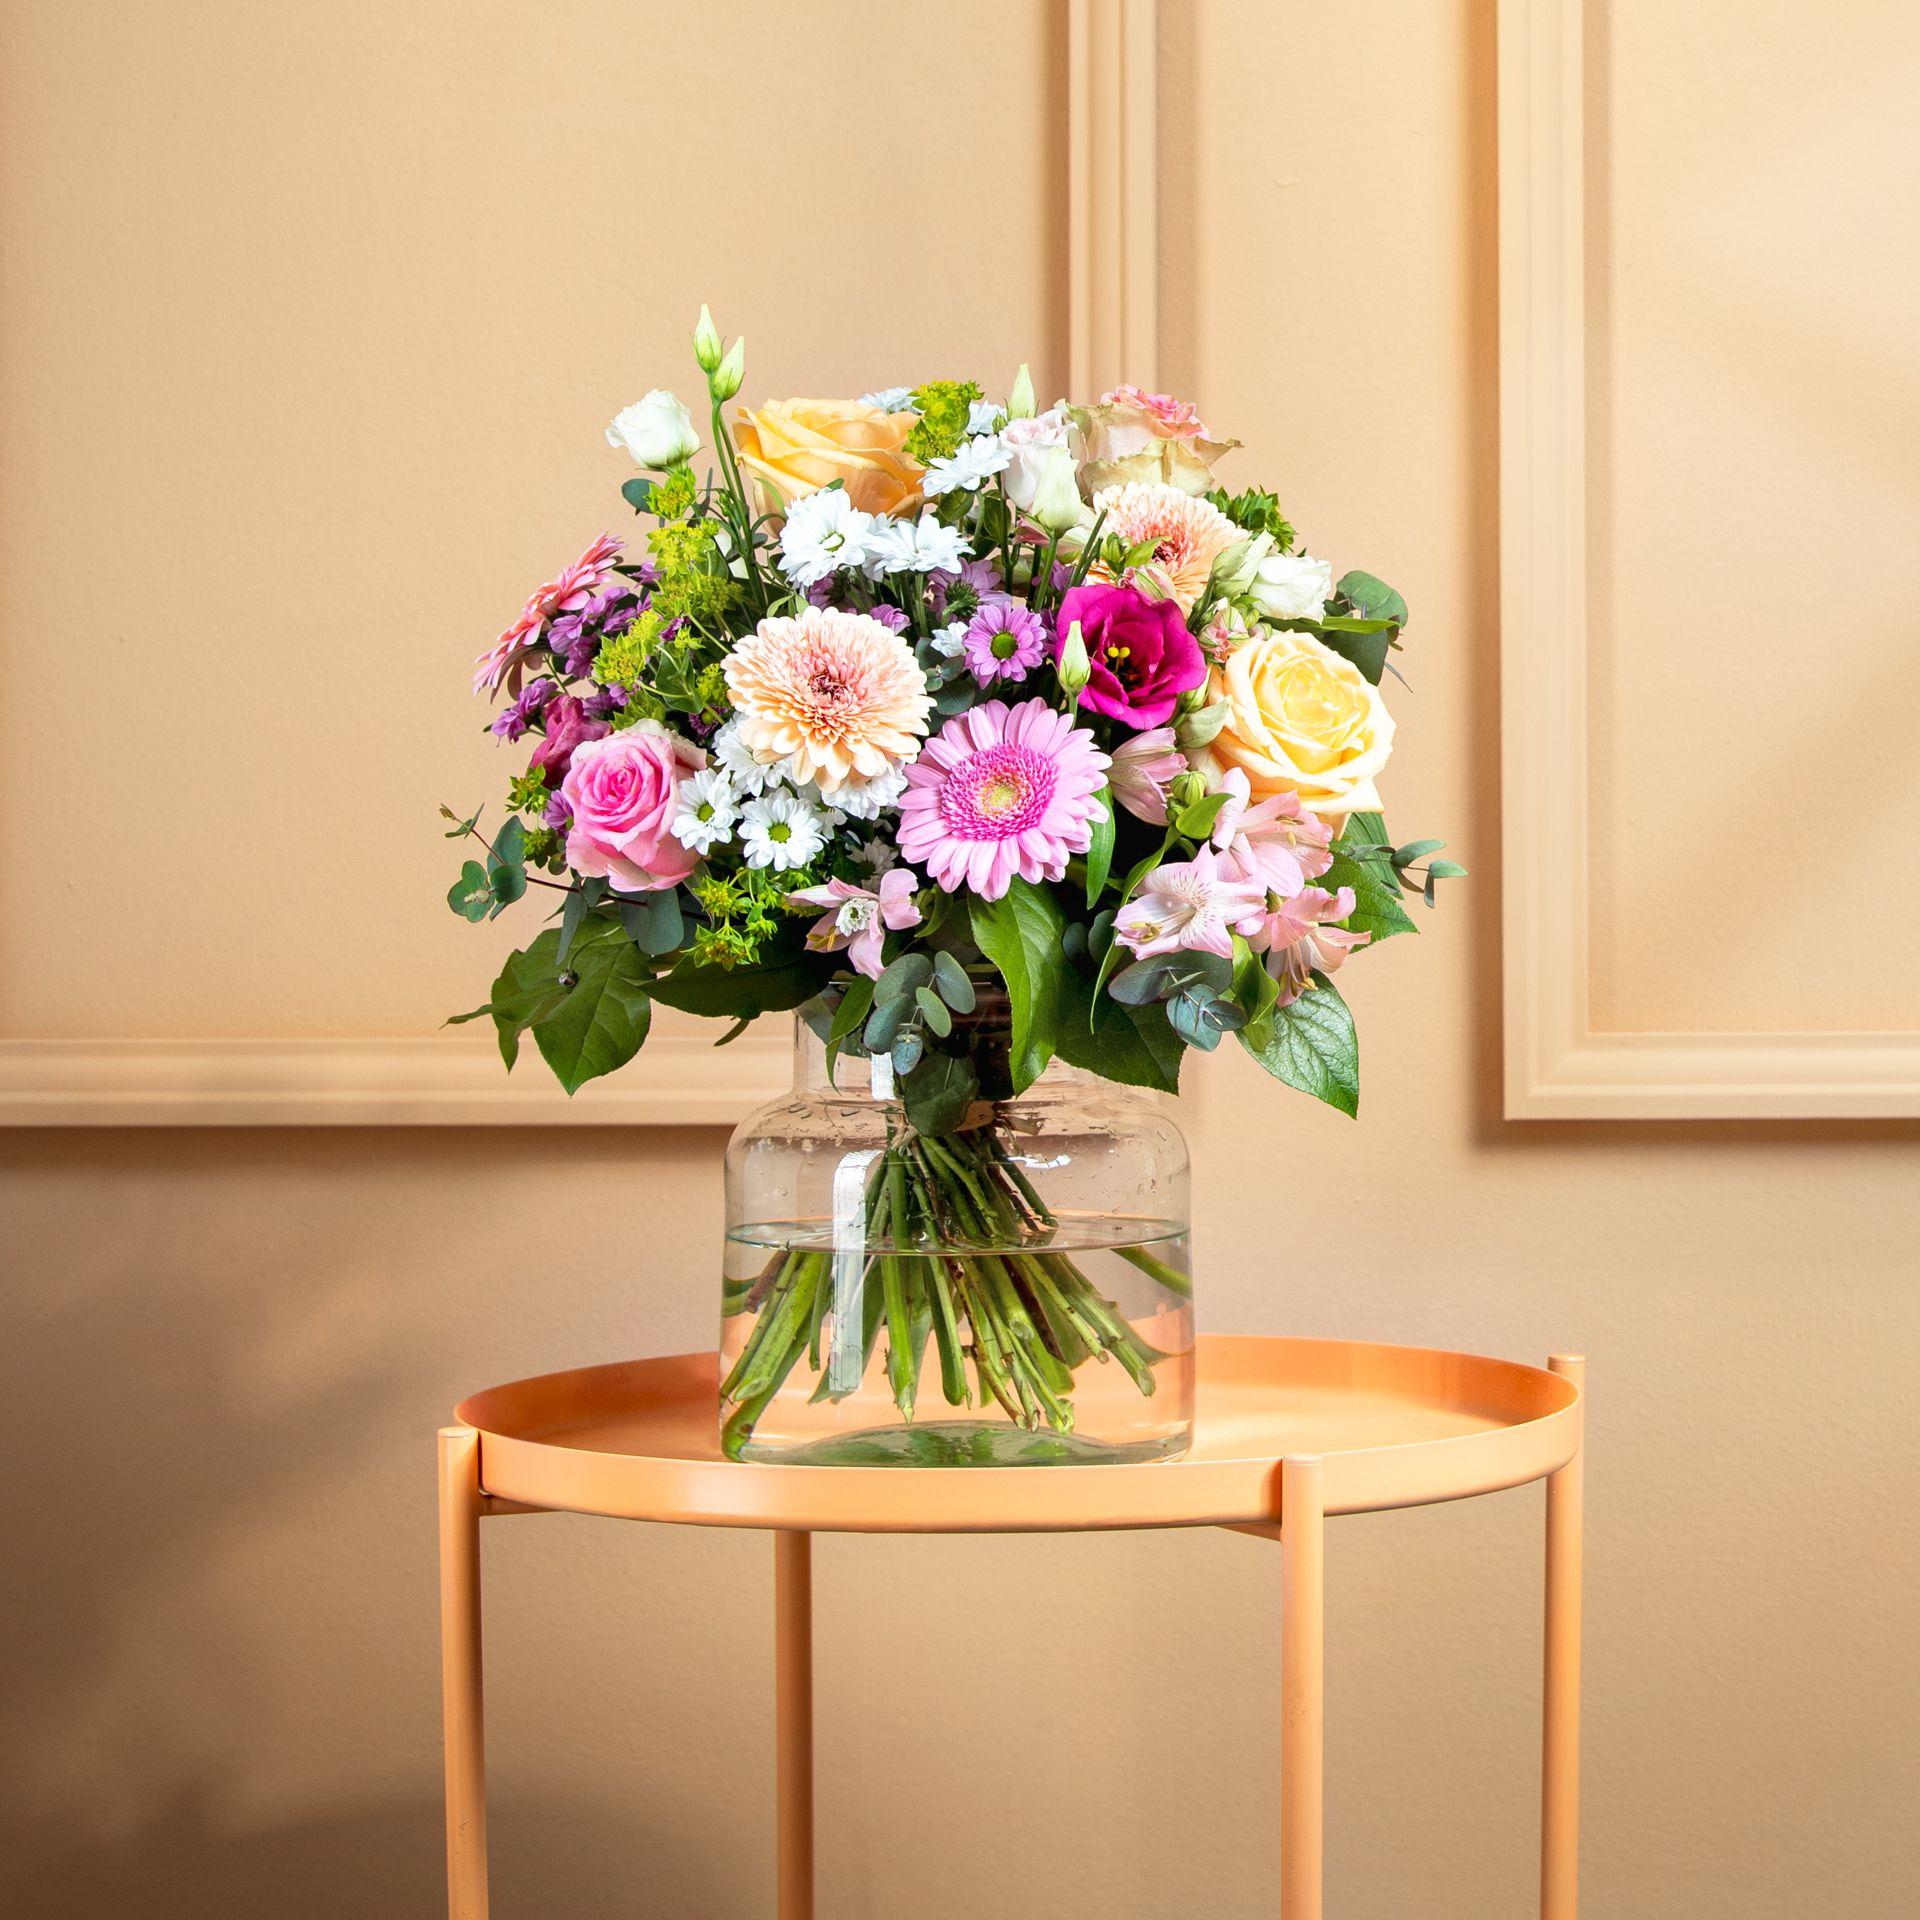 Blumen Kontaktlos Verschenken Supportyourlocals Blumenarrangements Muttertag Blumen